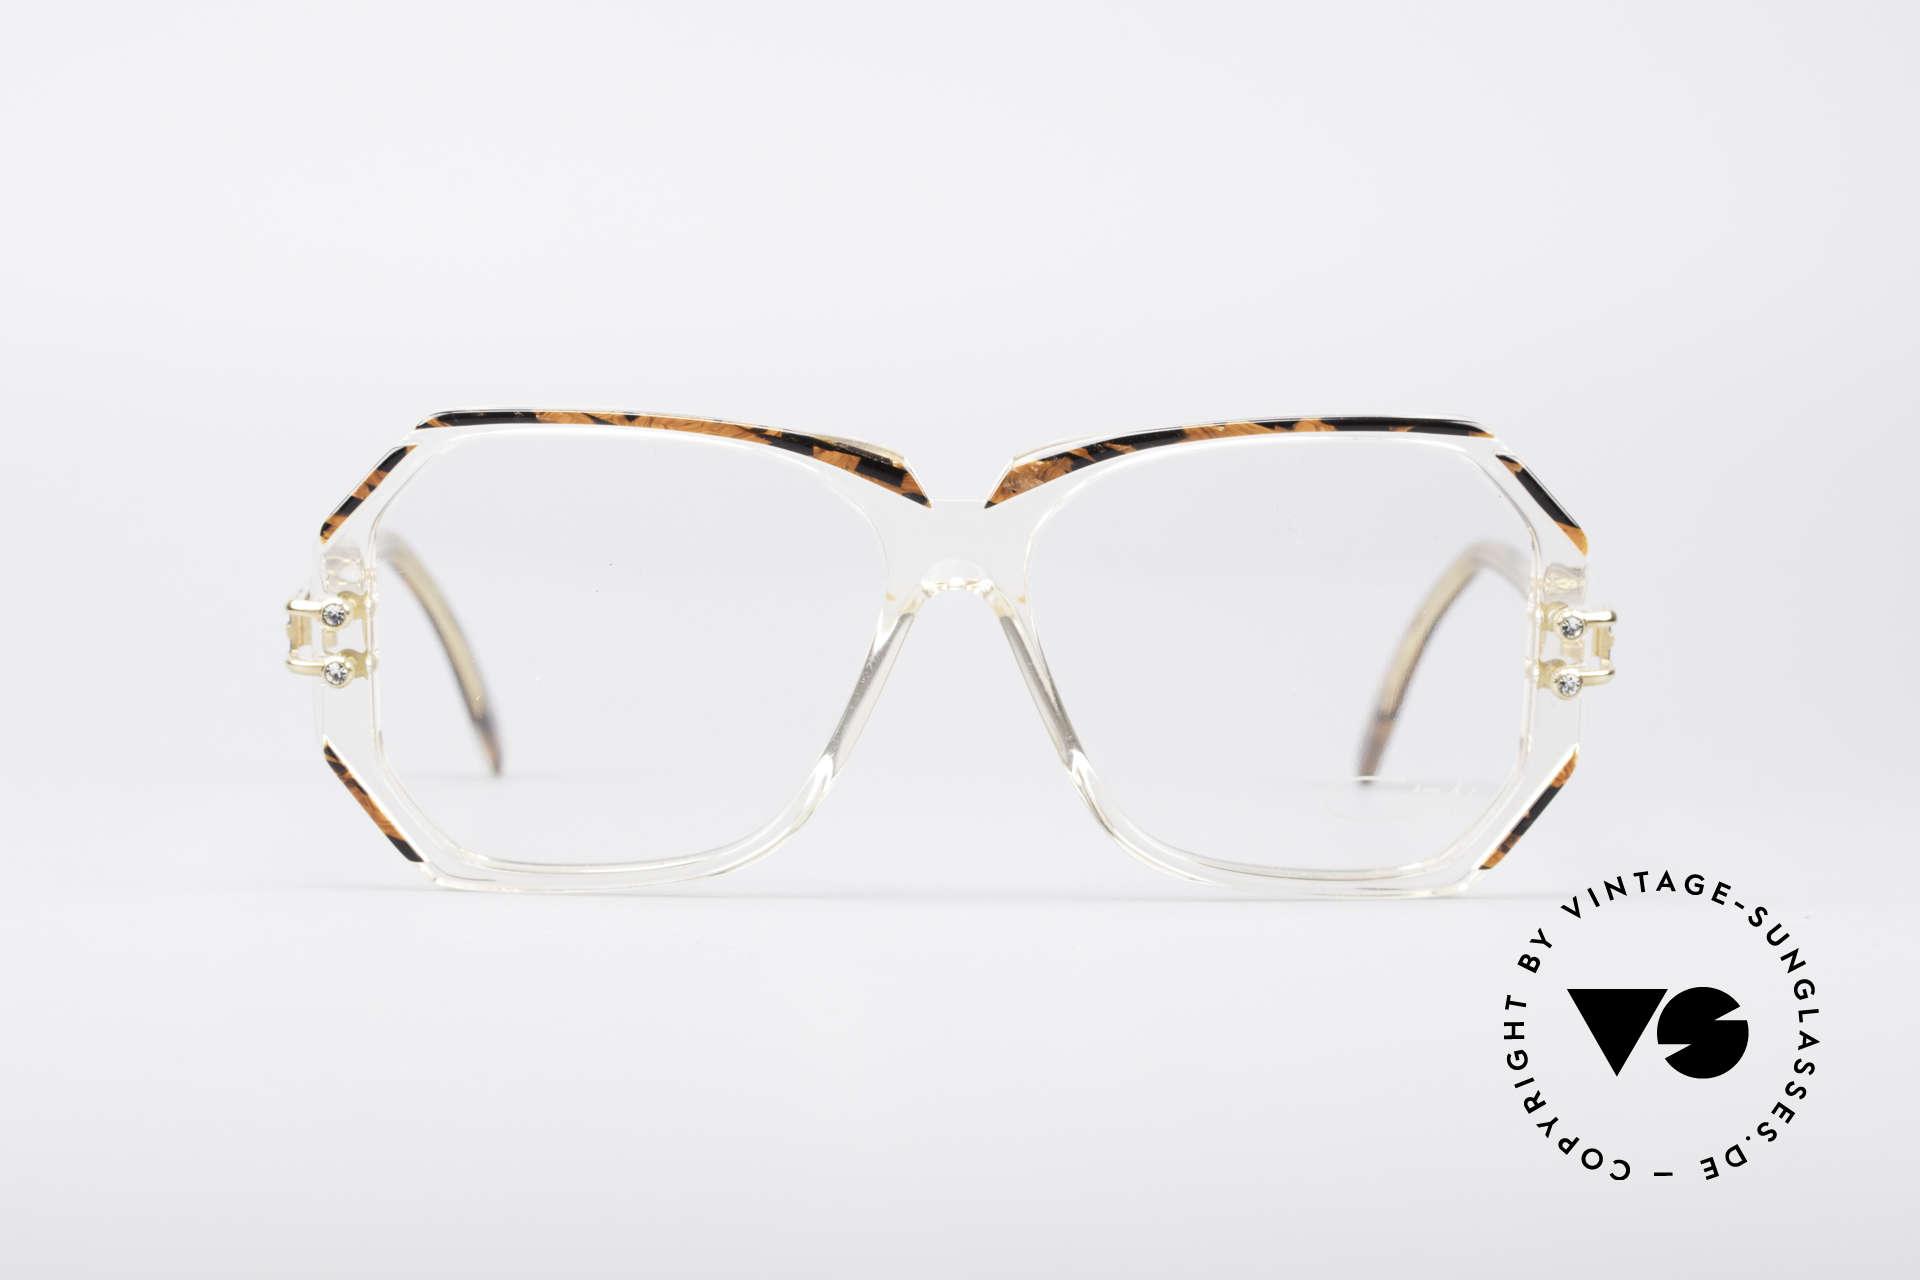 Cazal 169 Vintage Designer Brille, 1989/90 (Frame W.Germany) gefertigt, MEDIUM Gr. 56-14, Passend für Damen